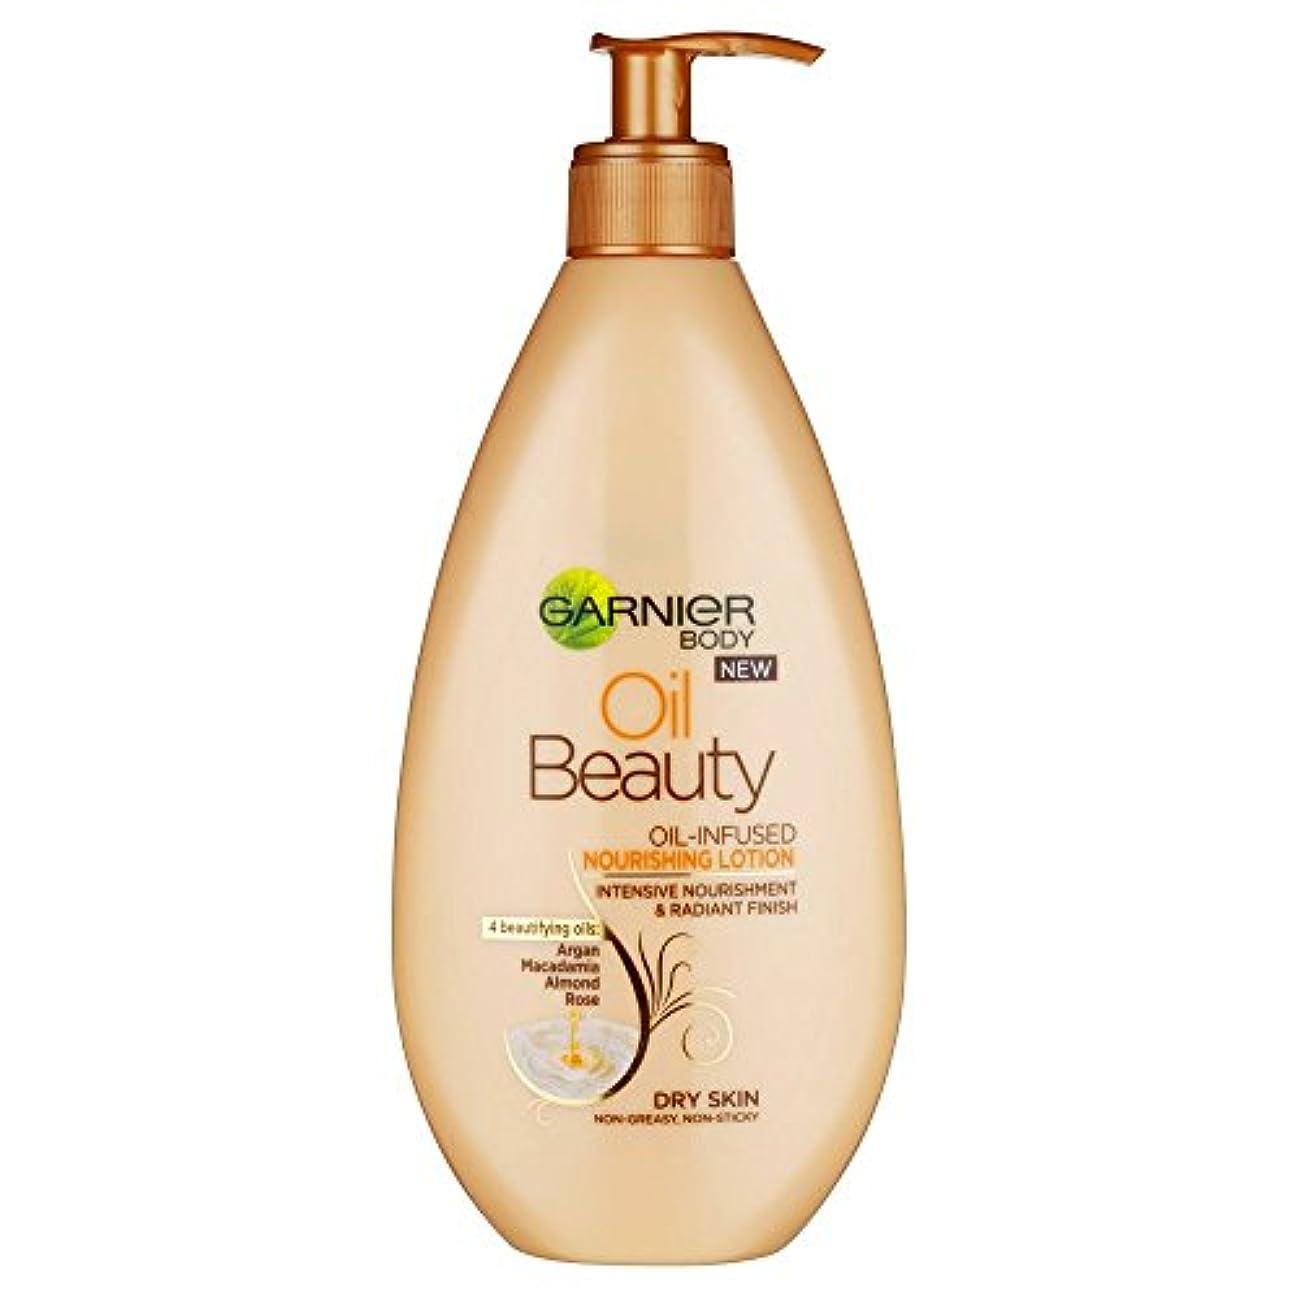 ローストタイマー納得させるGarnier Oil Beauty Nourishing Lotion (400ml) ガルニエオイル美栄養化粧水( 400ミリリットル) [並行輸入品]